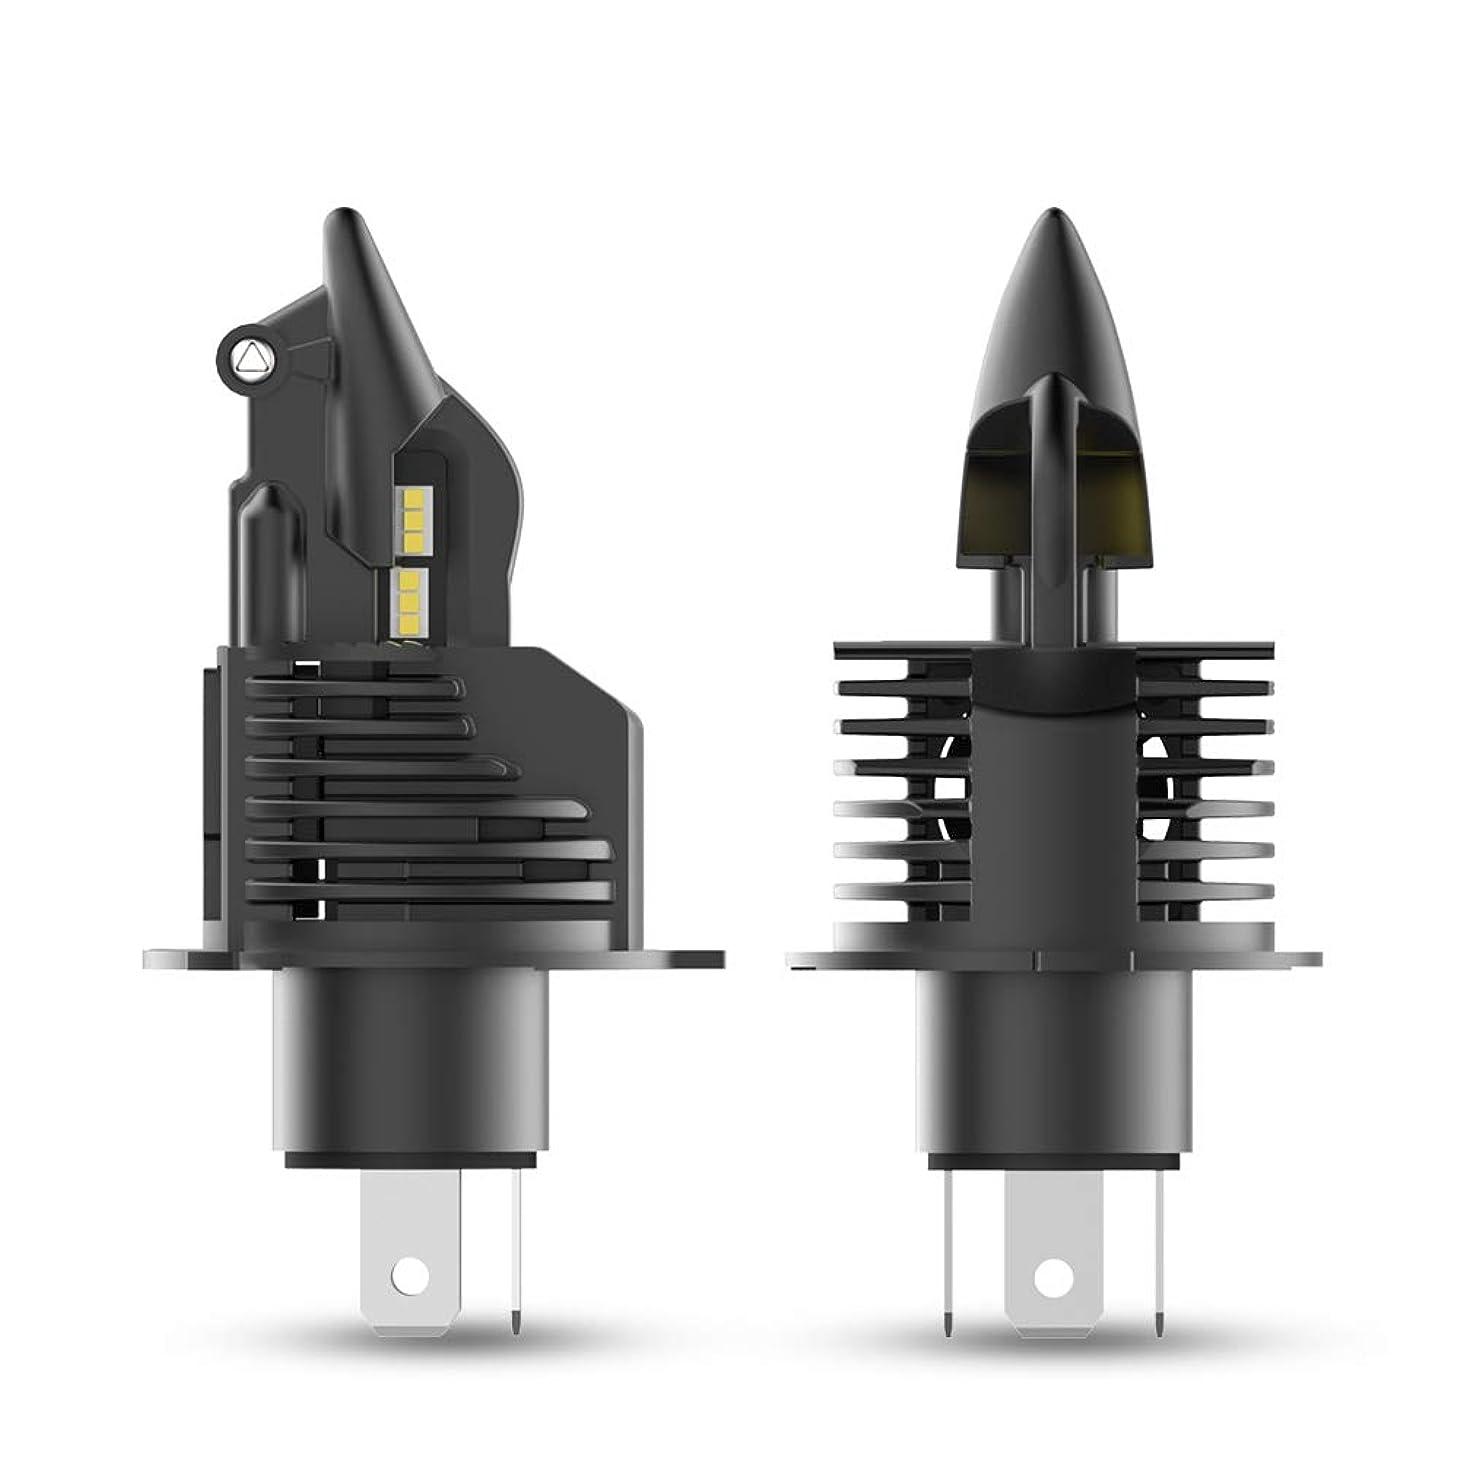 仲介者ライン洗剤NOVSIGHT 車/バイク用 LEDヘッドライト 6500K H4hi/lo 2年保証 2個セット